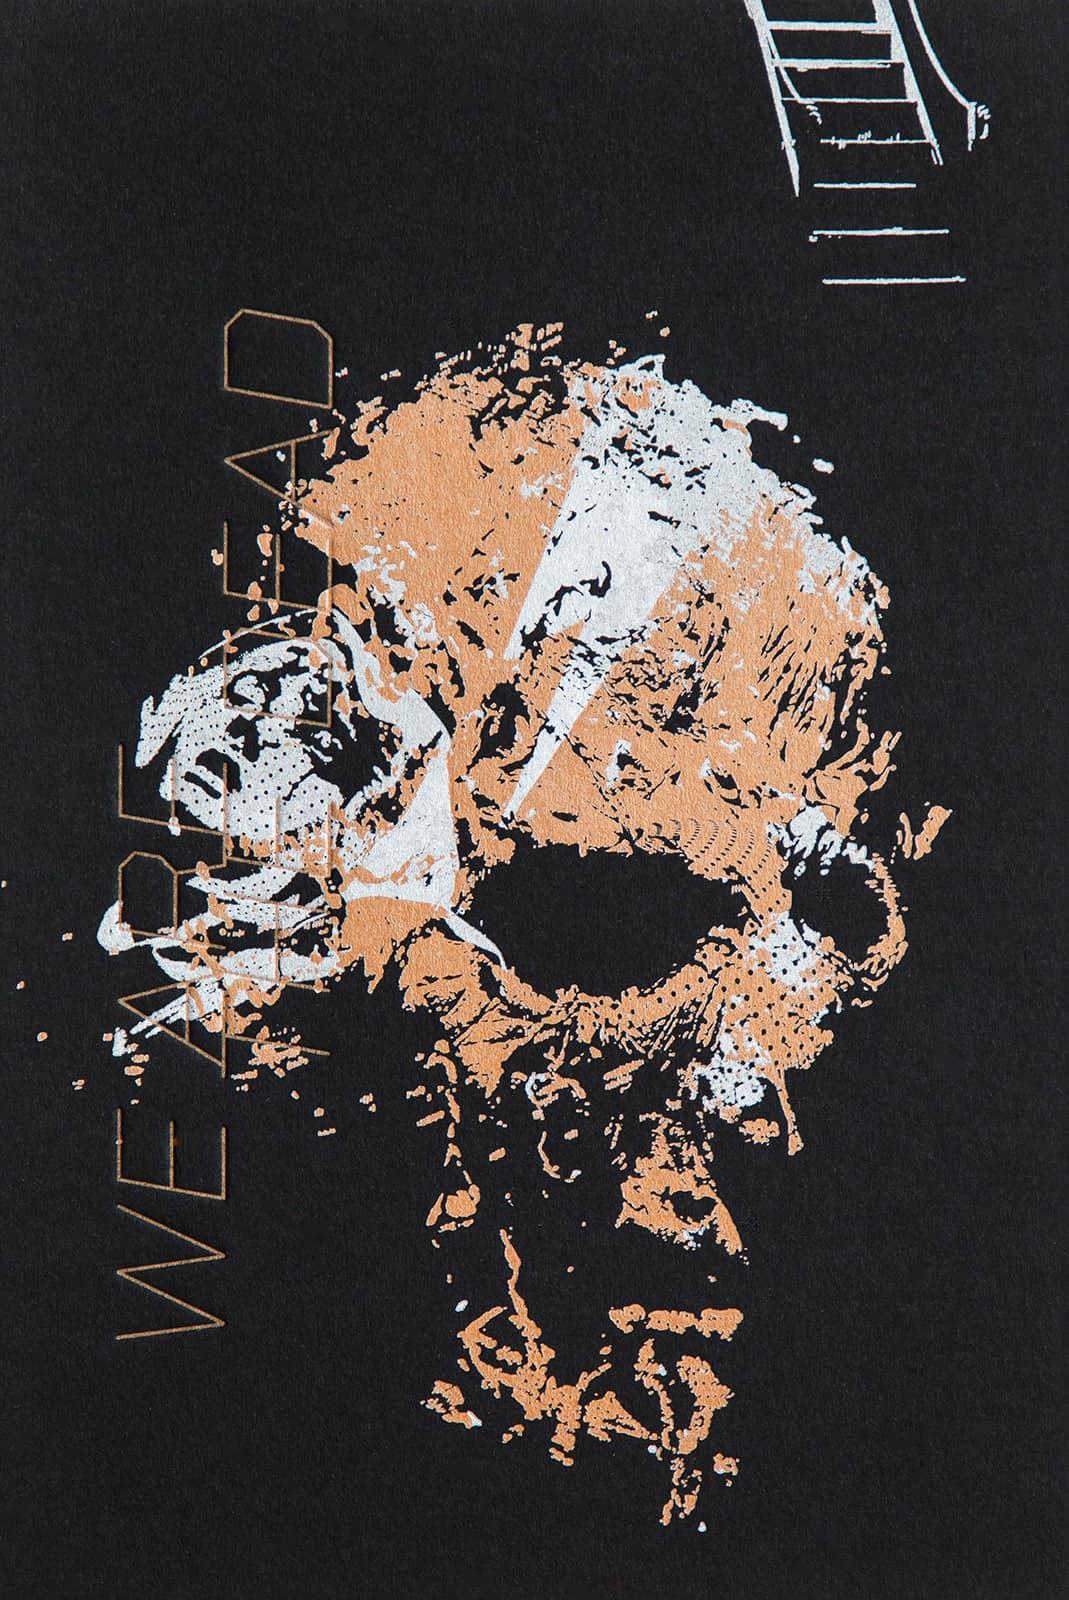 Bowie-Art-Print-Letterpress-wrthdead-0